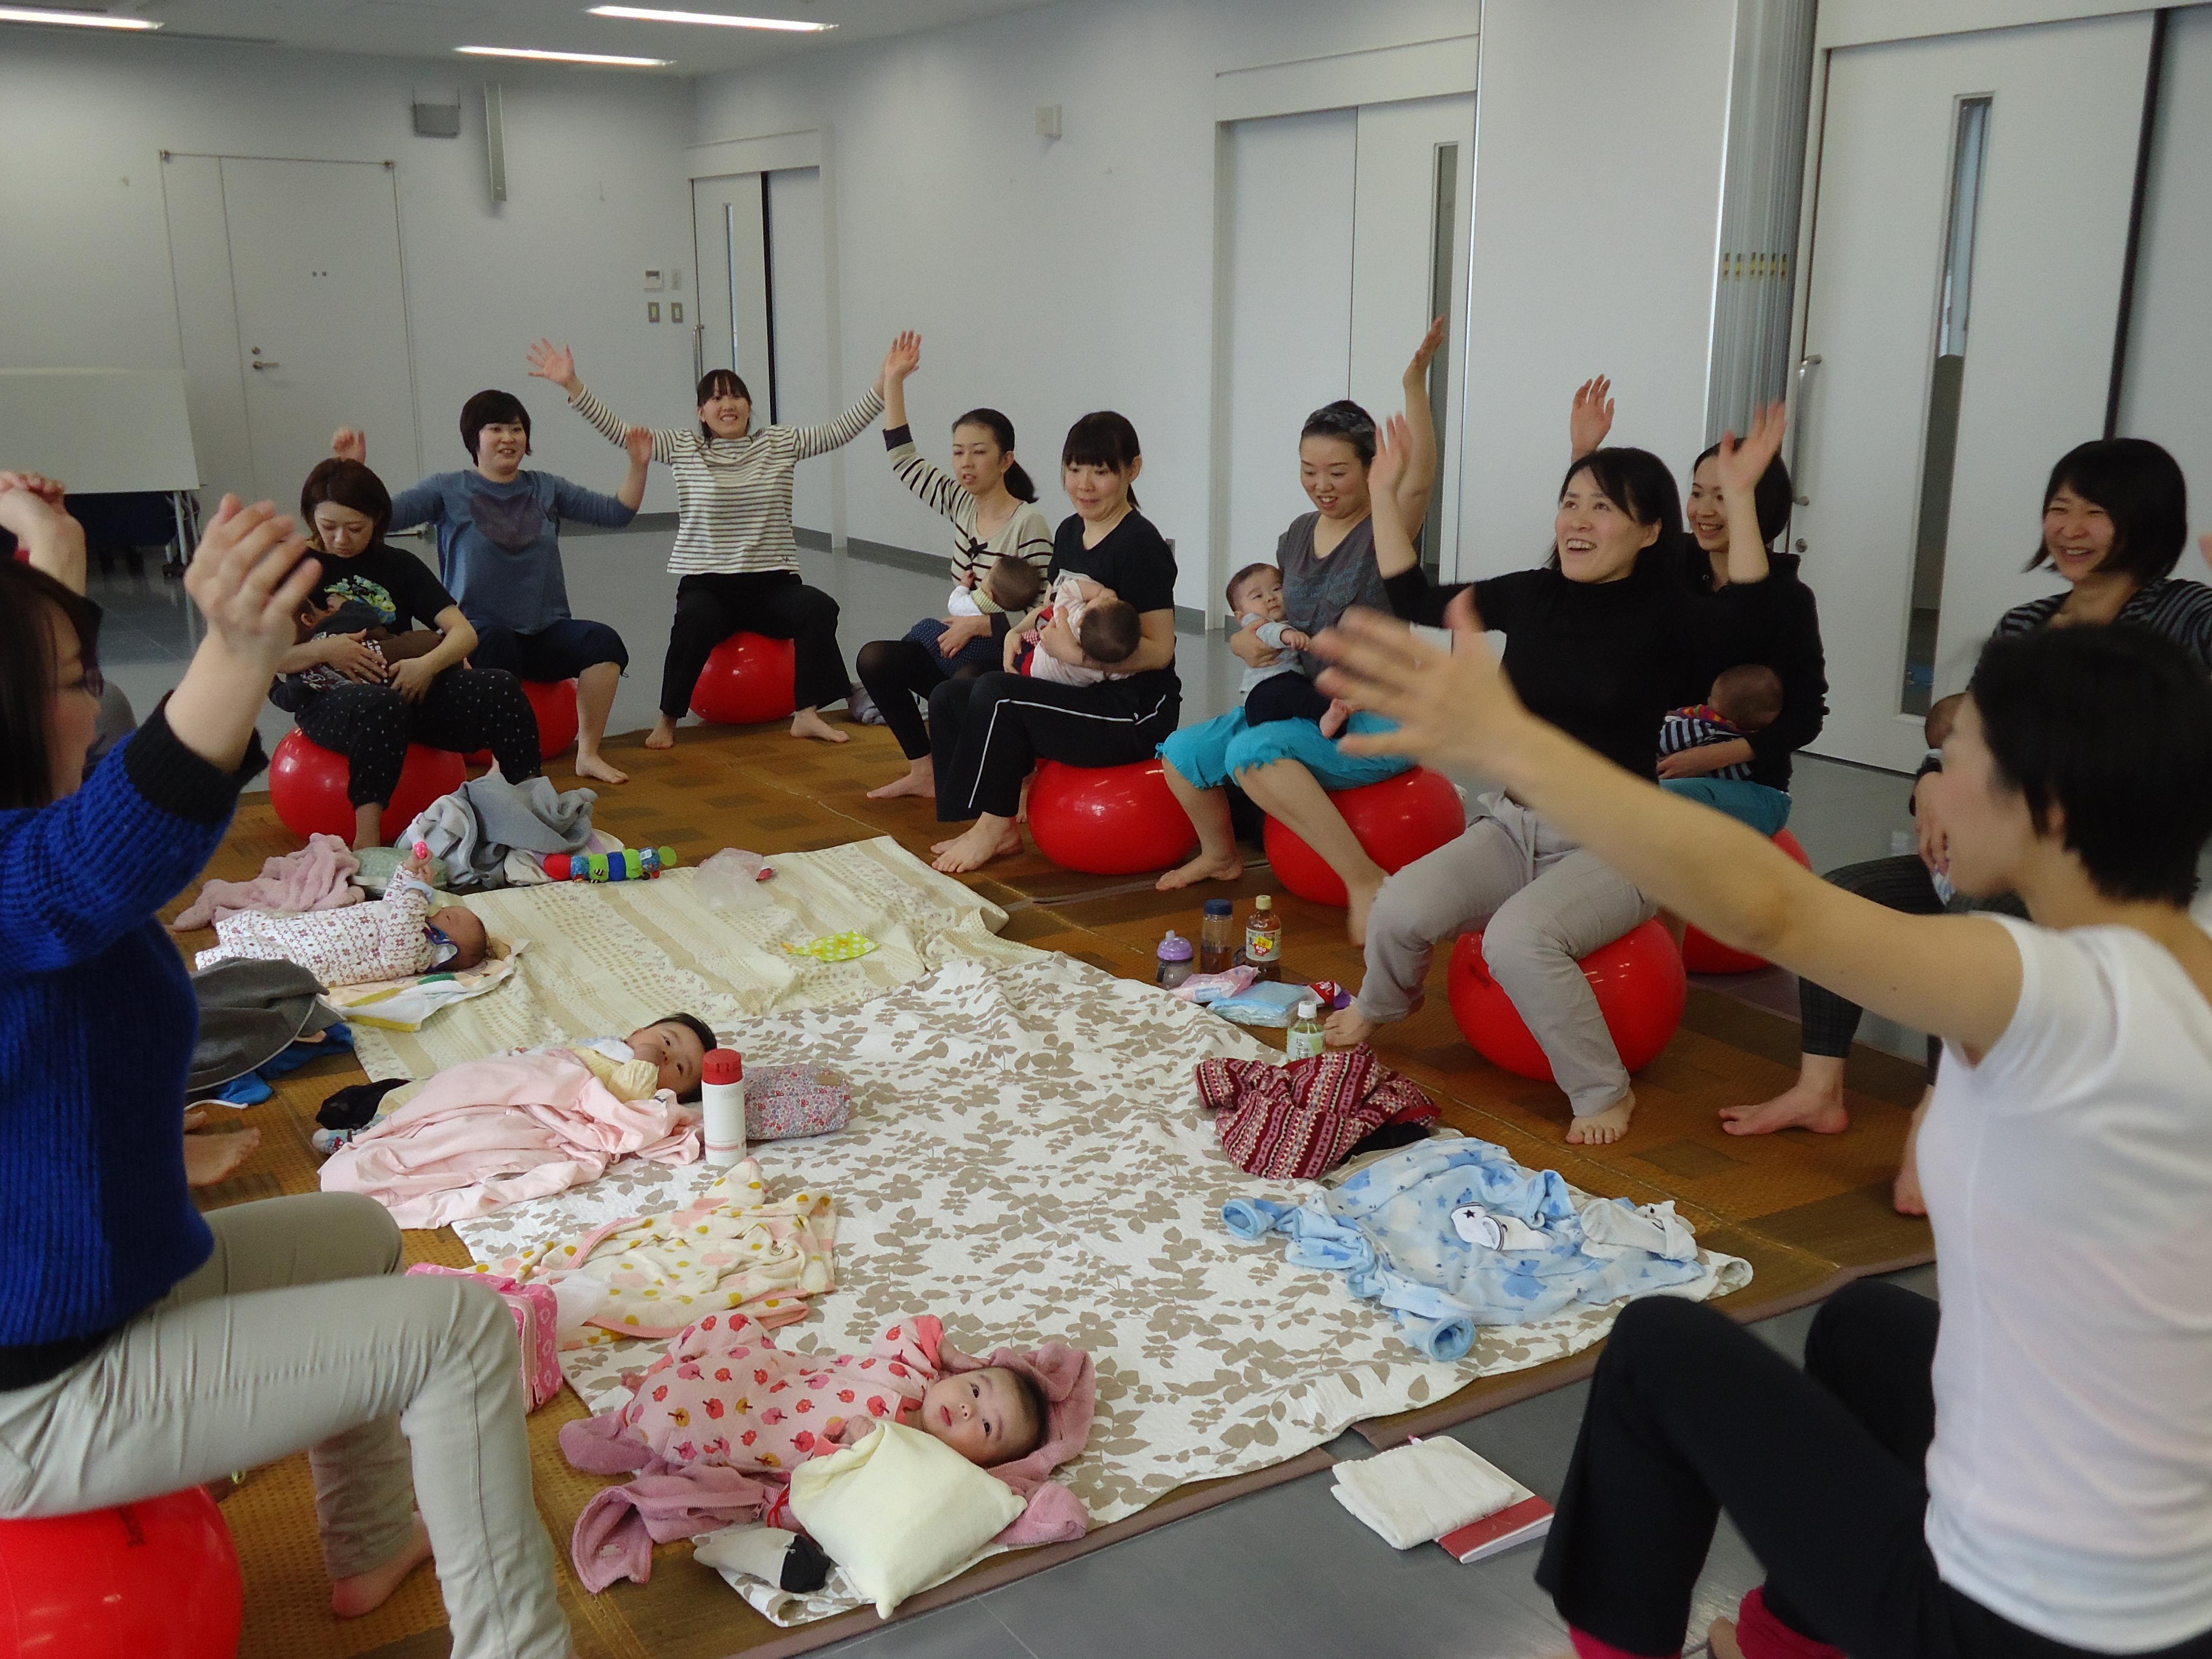 「産後でも楽しくできる運動です」長岡市子育ての駅ぐんぐん産後のバランスボール体験会レポート